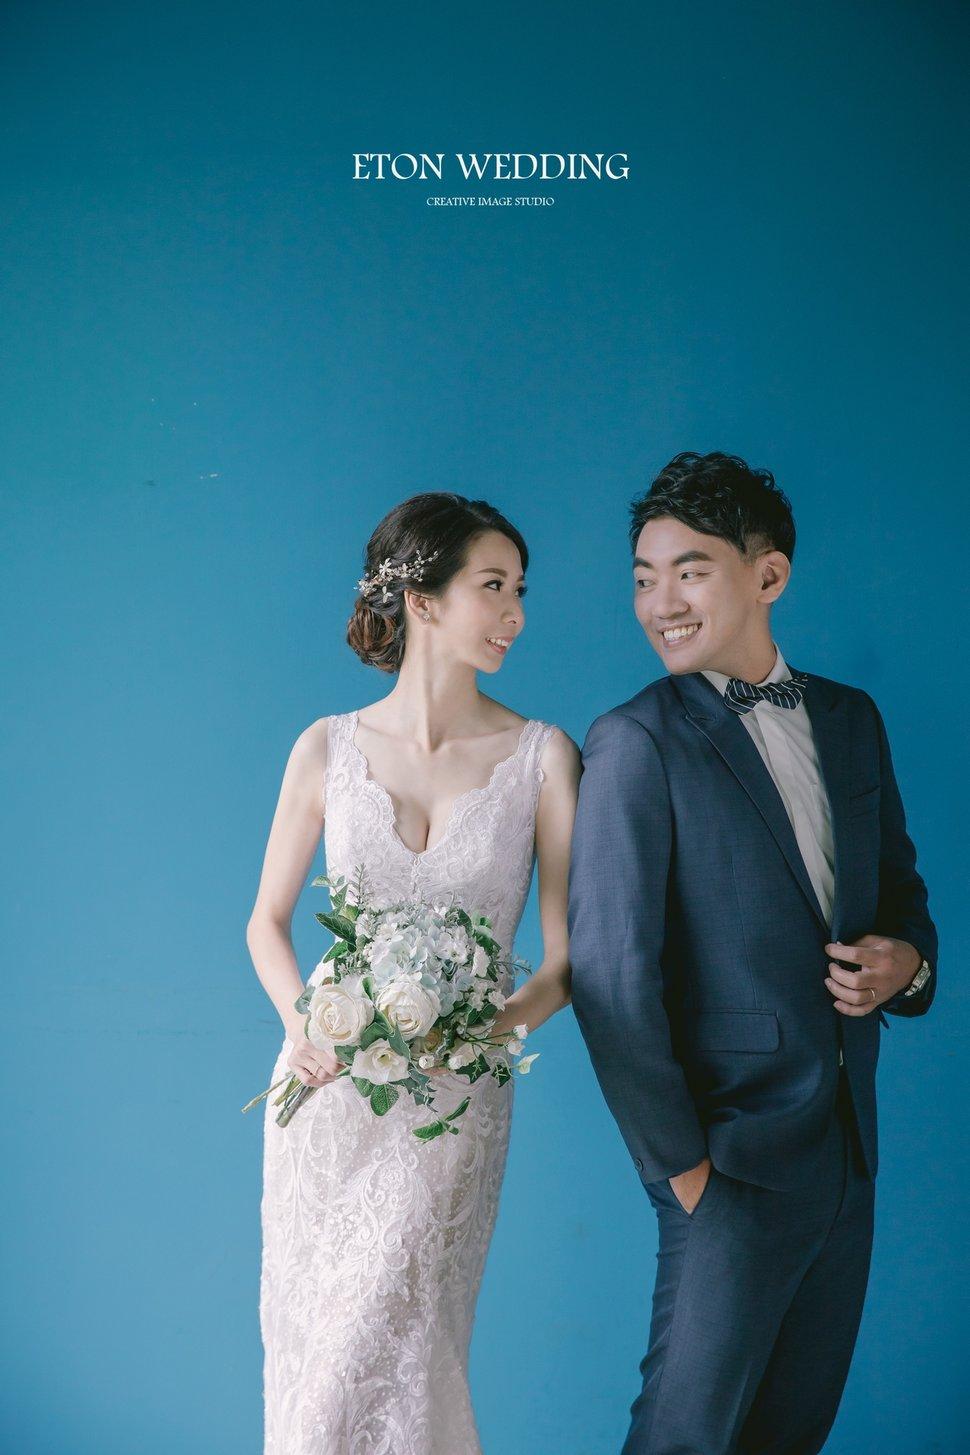 台北婚紗,伊頓自助婚紗 (4) - 伊頓自助婚紗 ▌台北高雄板橋桃園新竹台南《結婚吧》